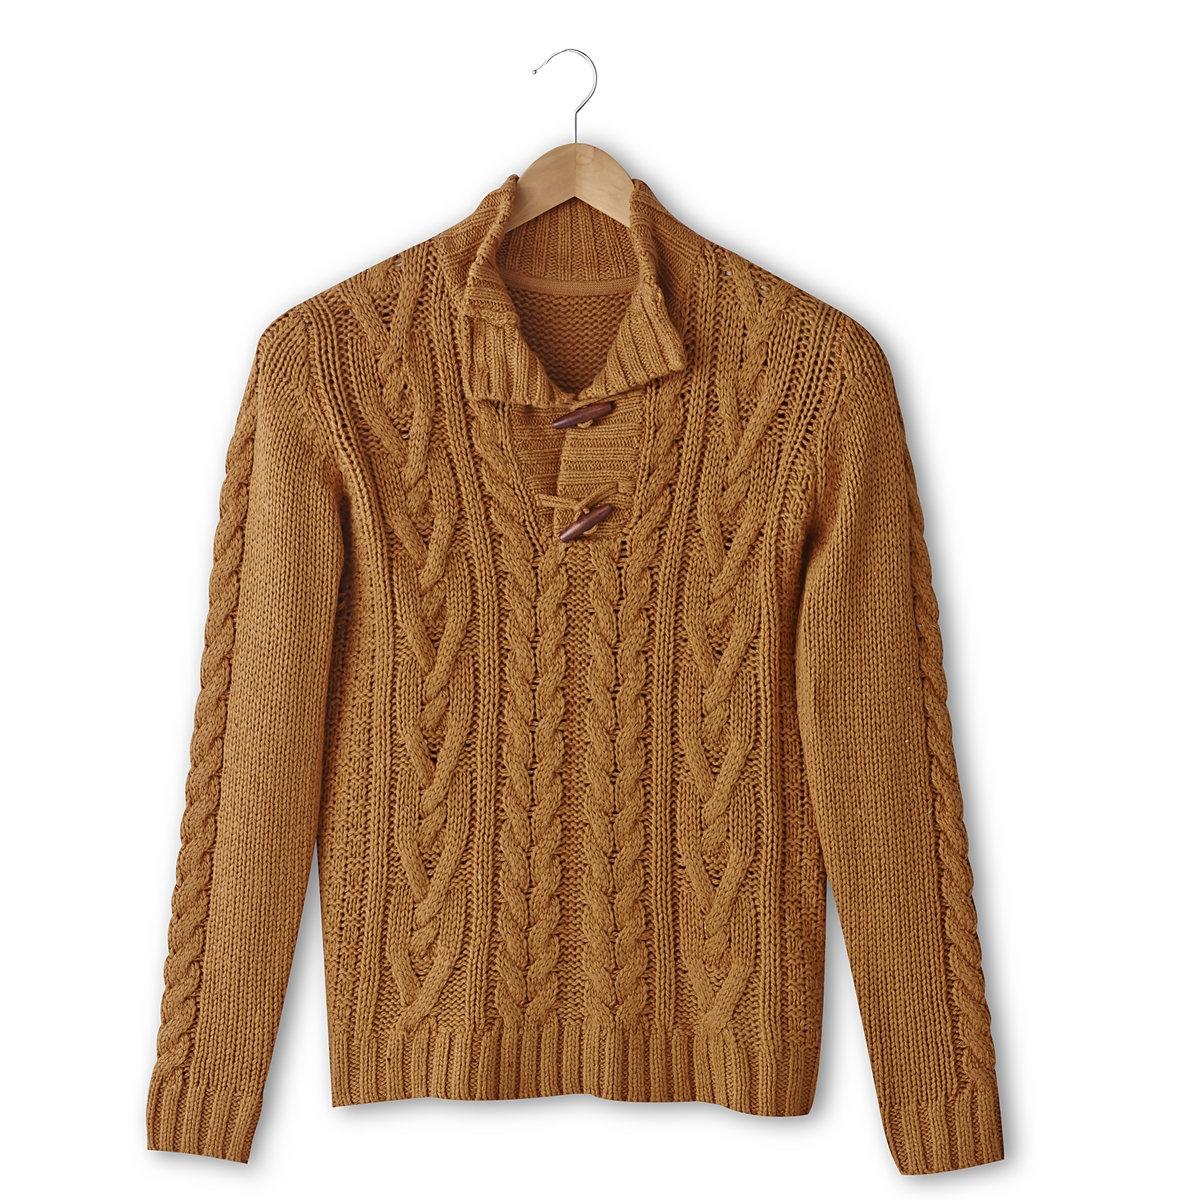 Пуловер с узором косы и высоким воротникомПуловер с узором косы, 85% акрила, 15% шерсти. Высокий воротник. Застежка на фигурные пуговицы. Длина 67 см.<br><br>Цвет: темно-бежевый<br>Размер: M